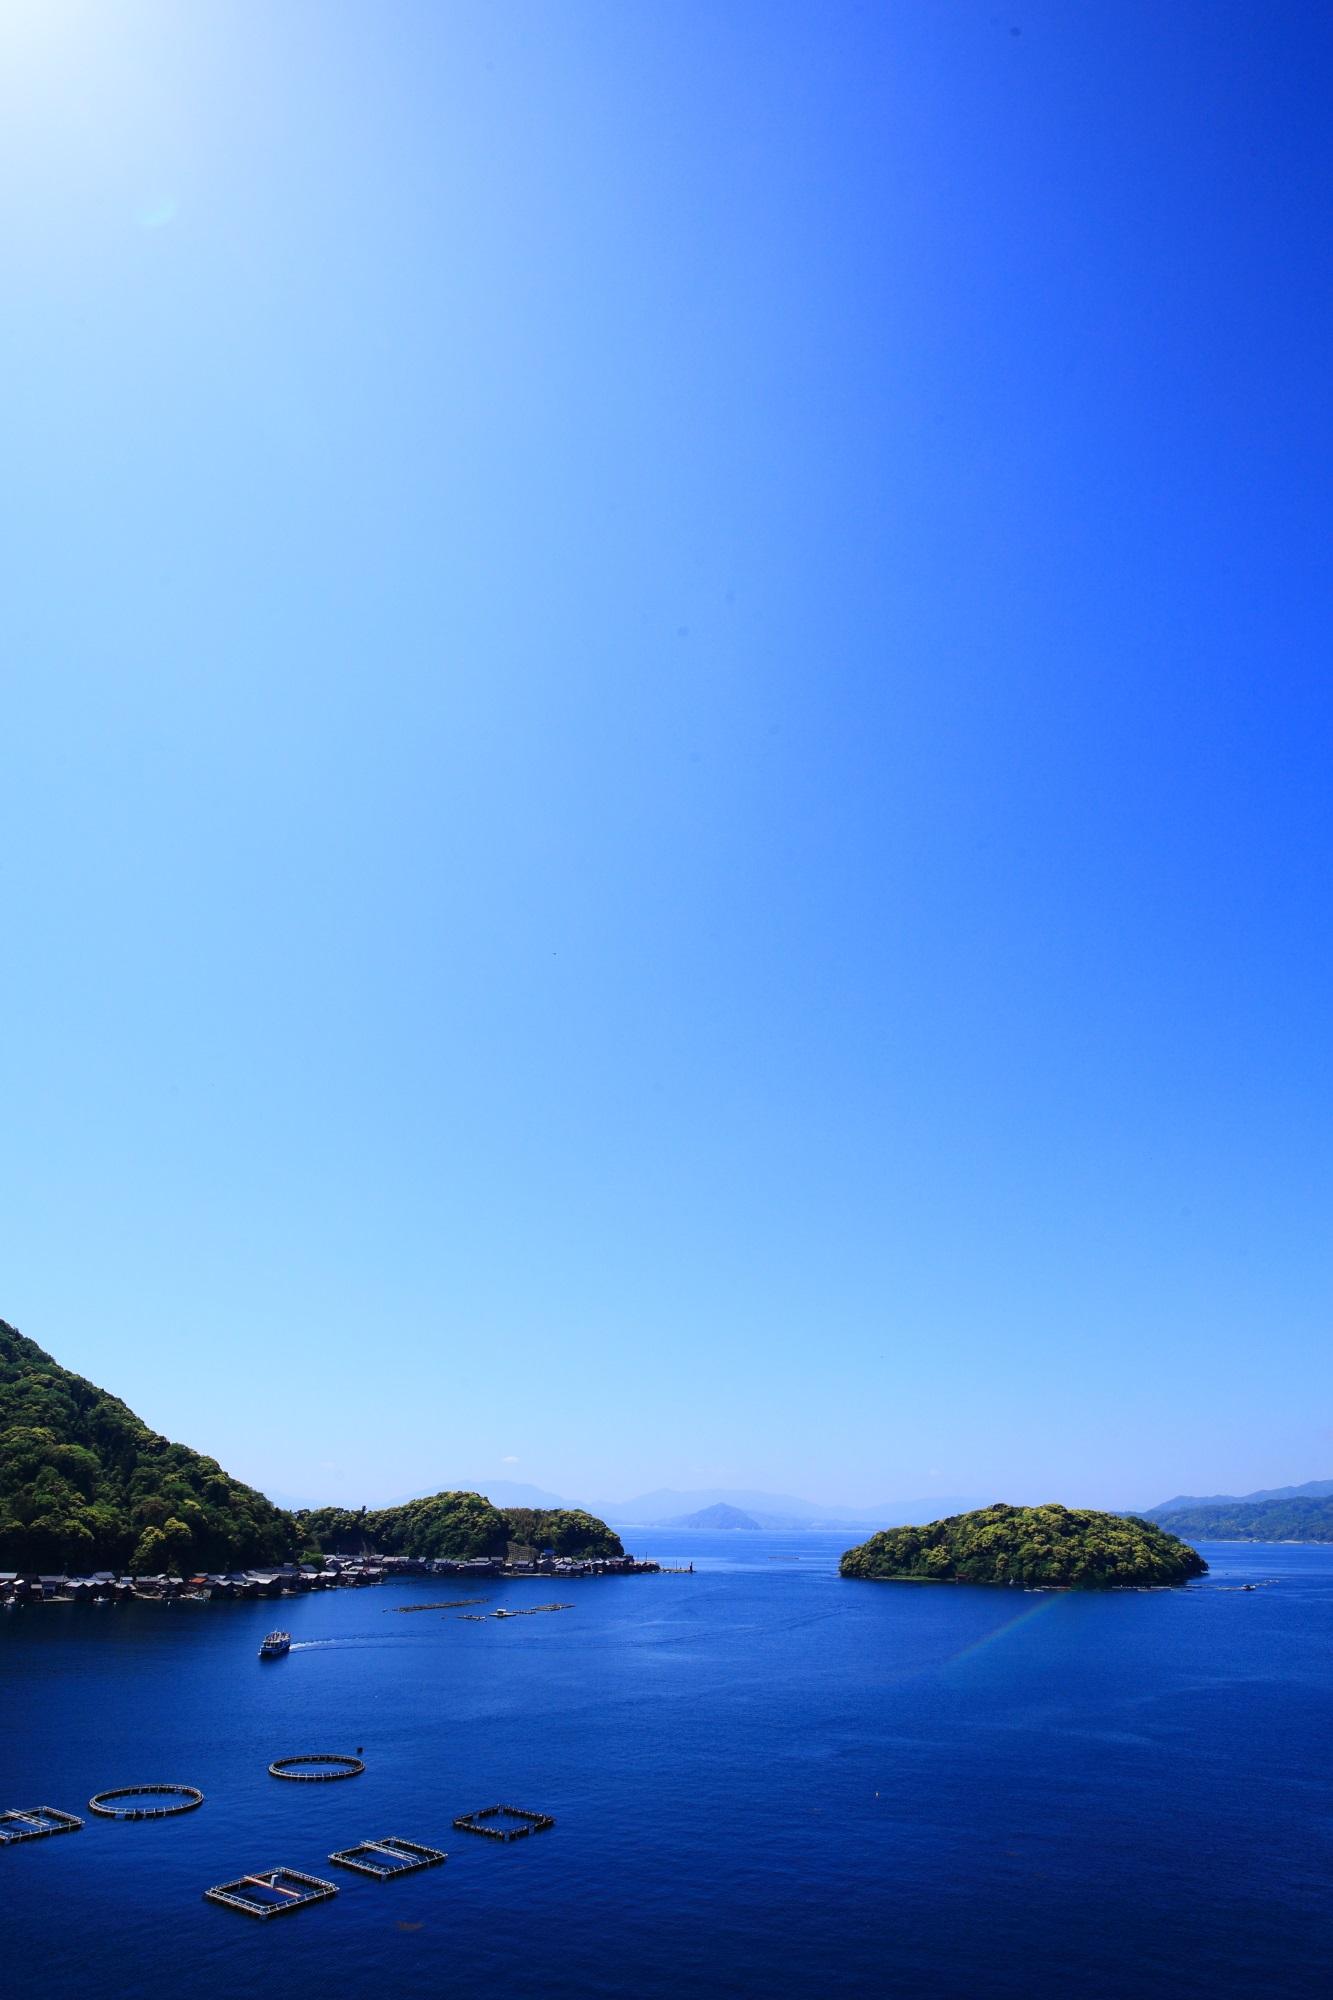 素晴らしい青空の下の見事なコバルトブルーの伊根湾